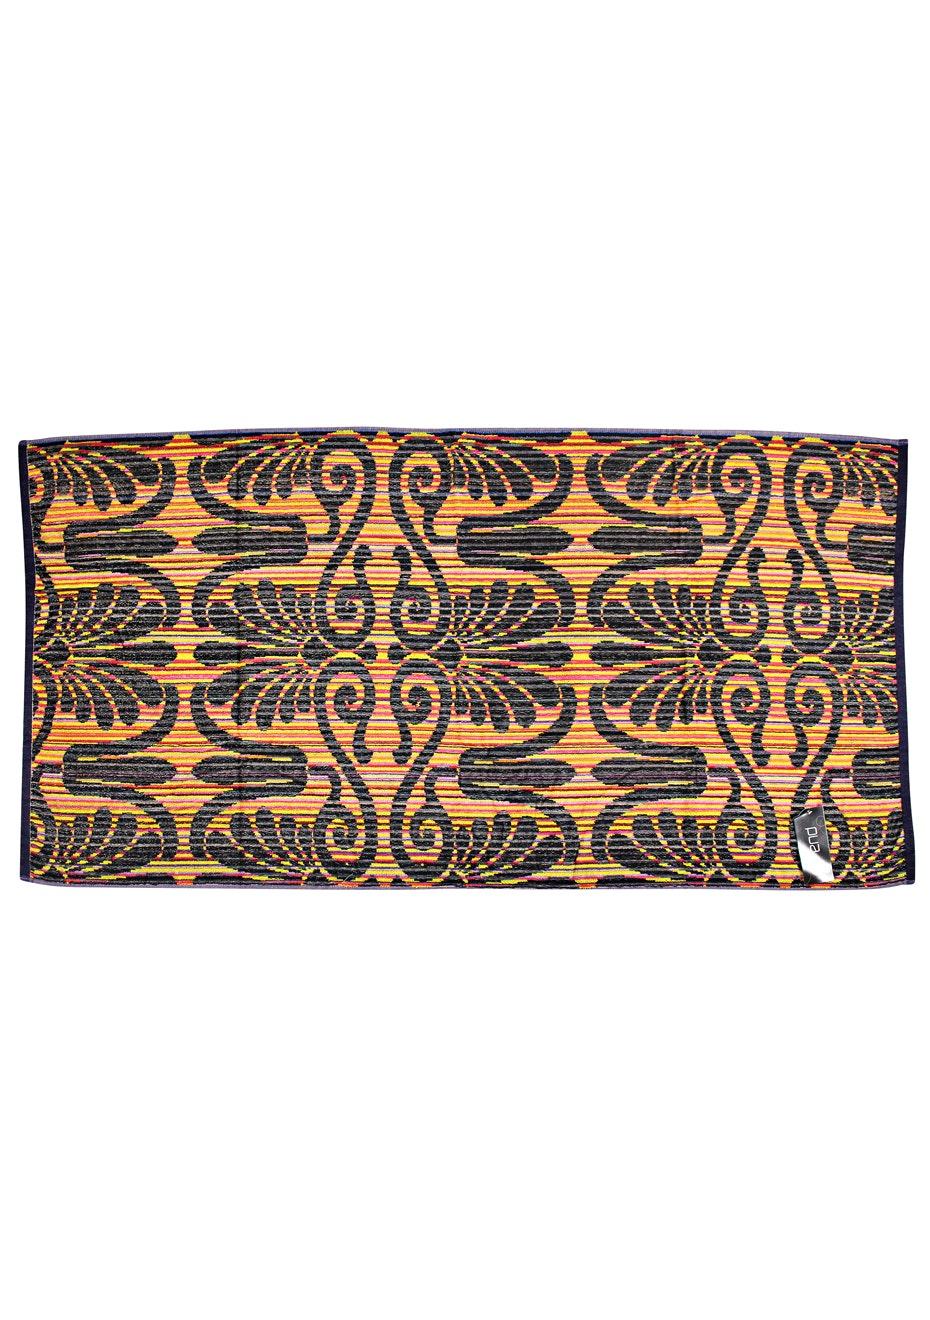 Jiimbaran 100% Cotton Velour Jacquard Beach Towel - 75x150cm